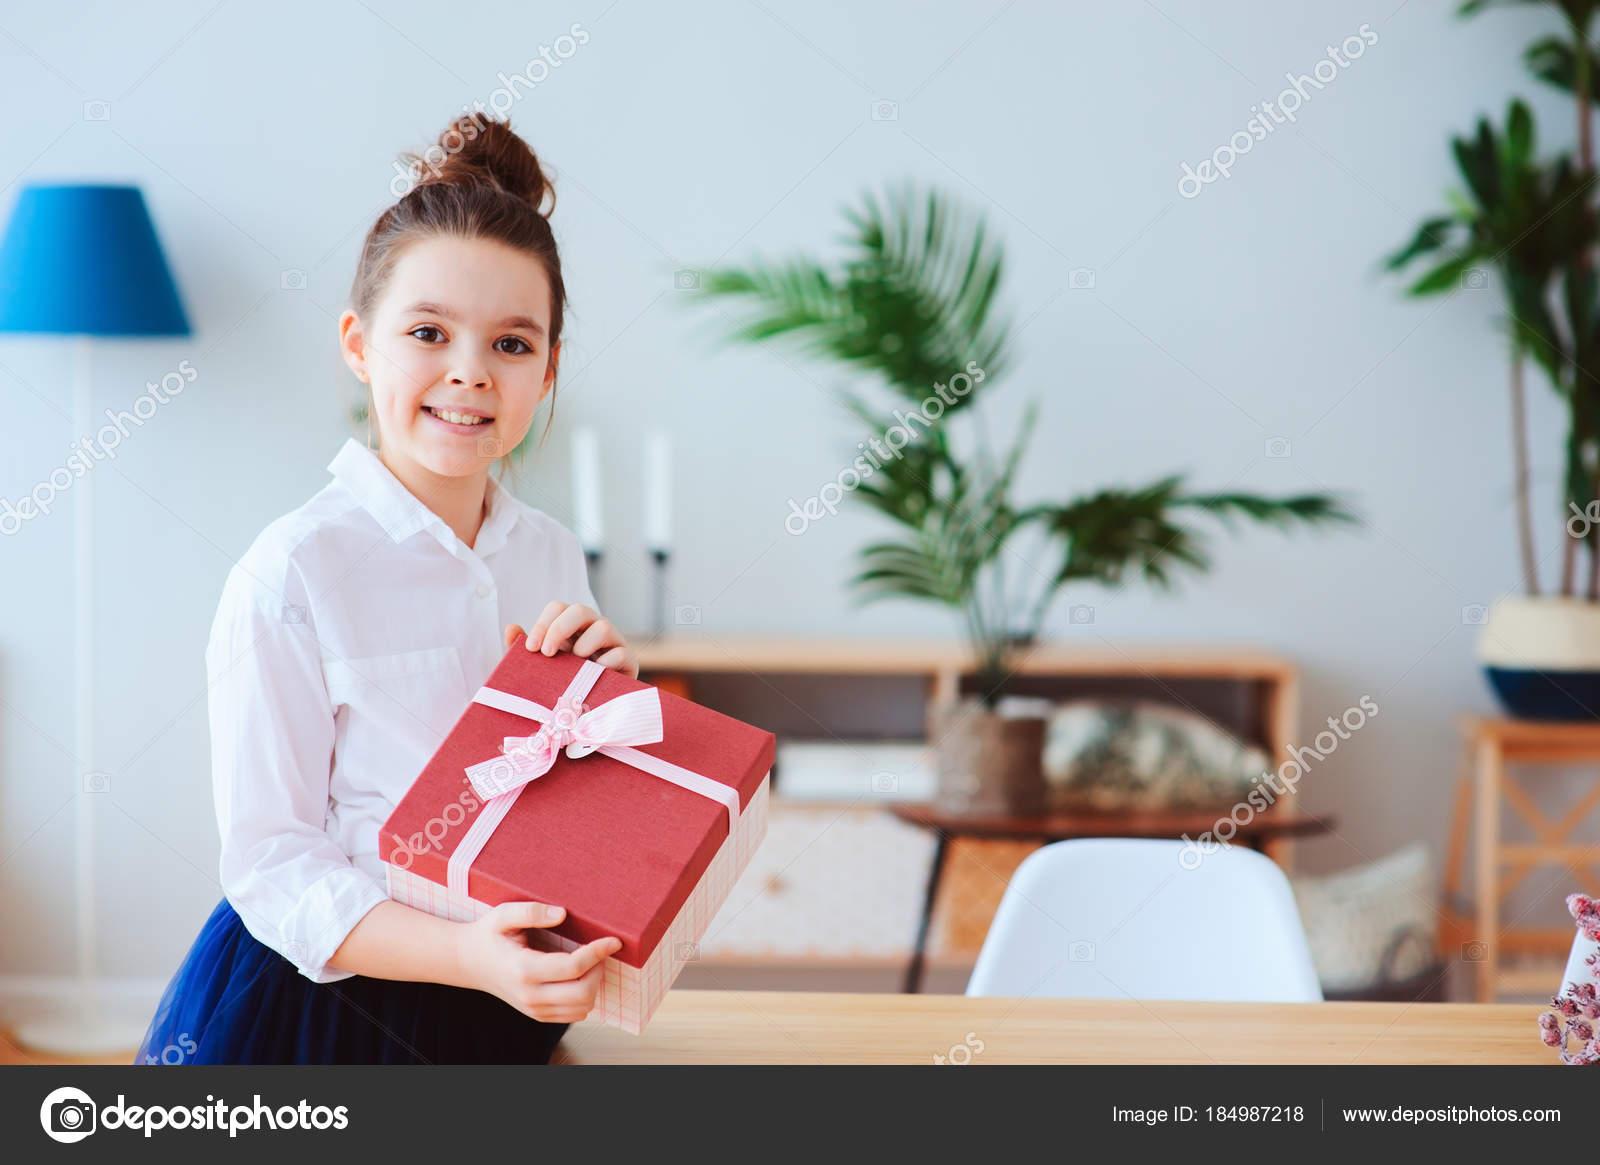 Gelukkig Kind Meisje Met Gift Voor Verjaardag Dames Dag Poseren